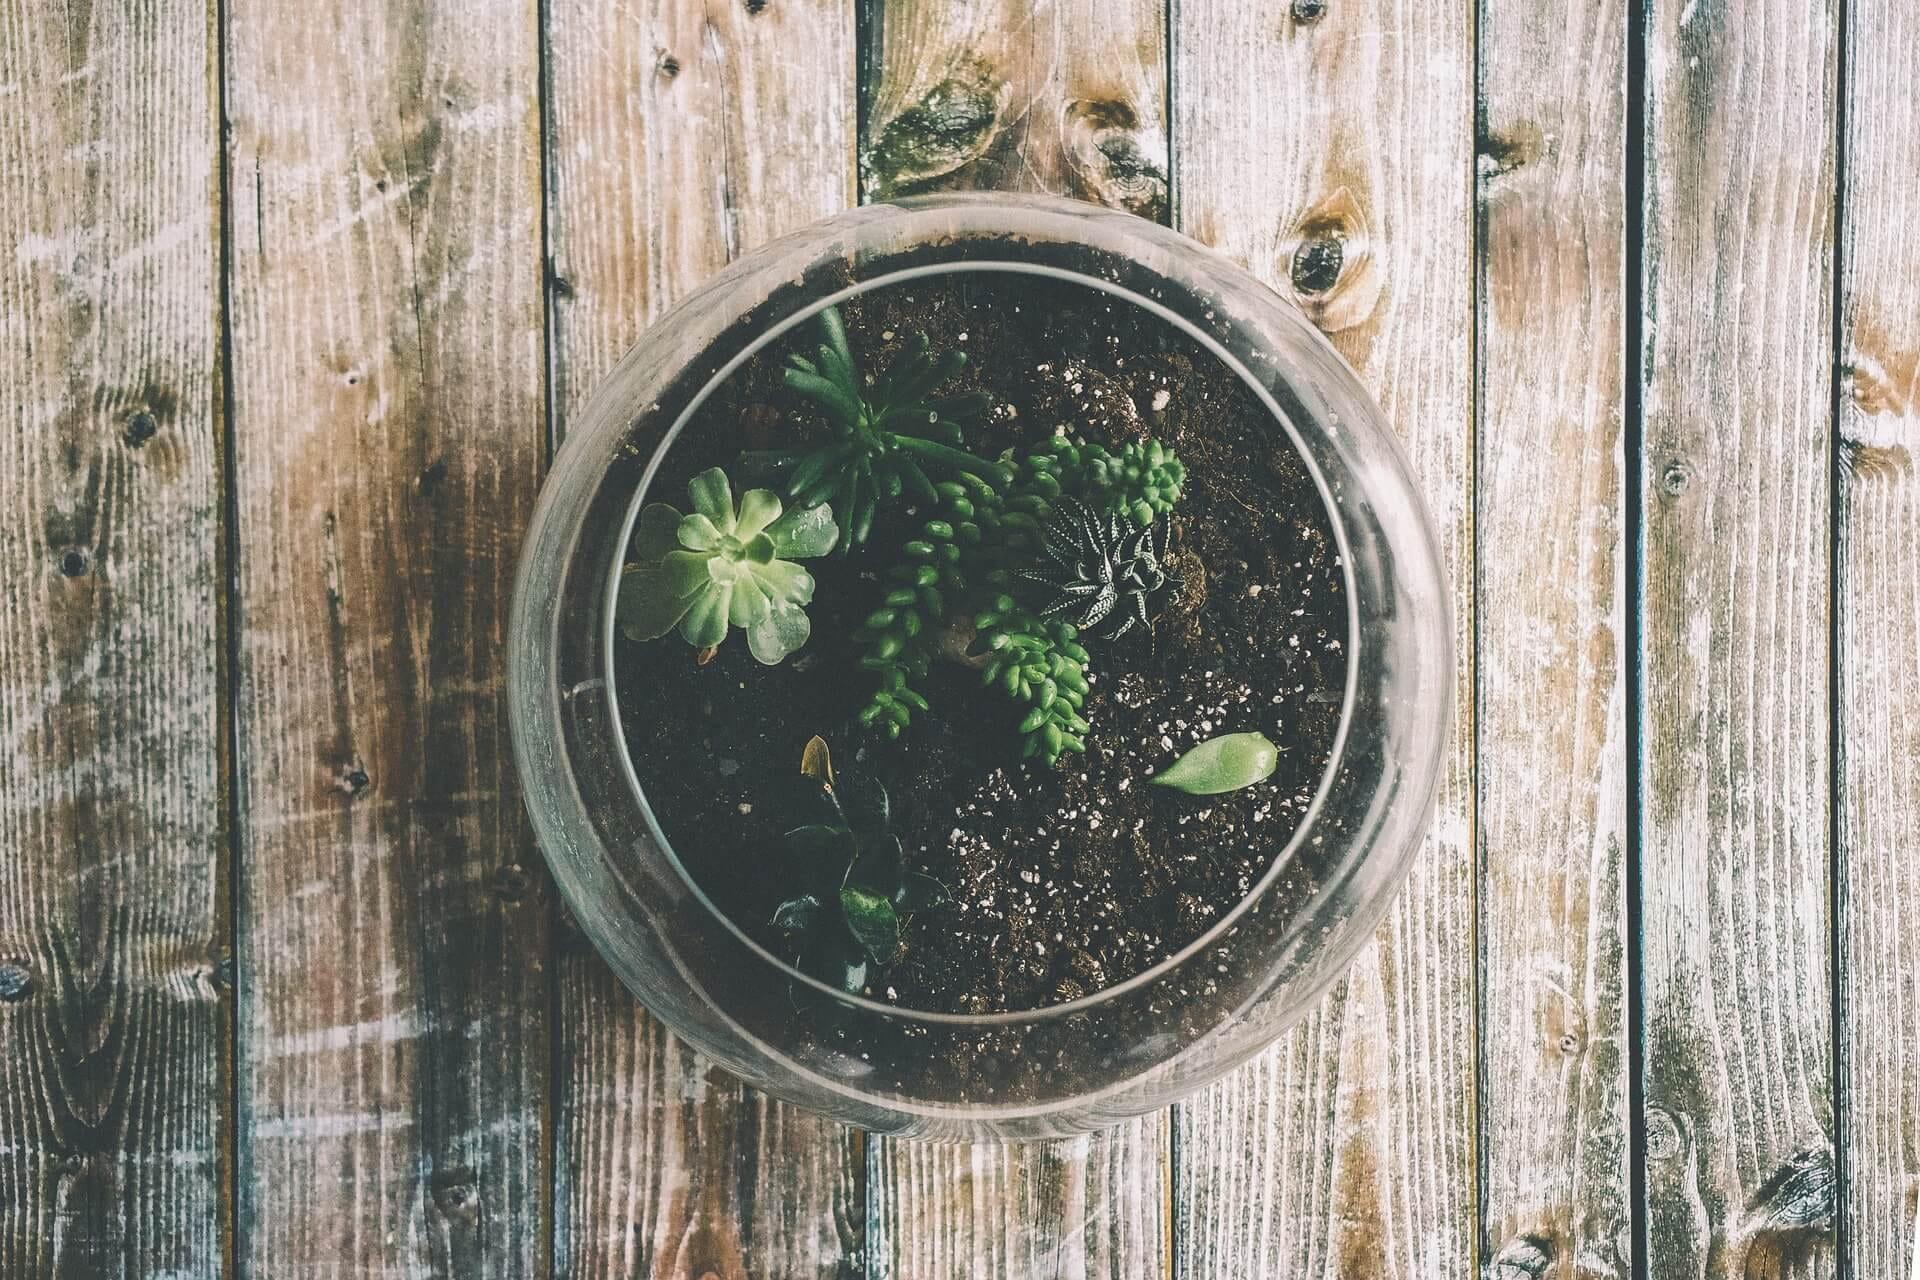 Wie ökologisch sind Böden aus Kunststoff